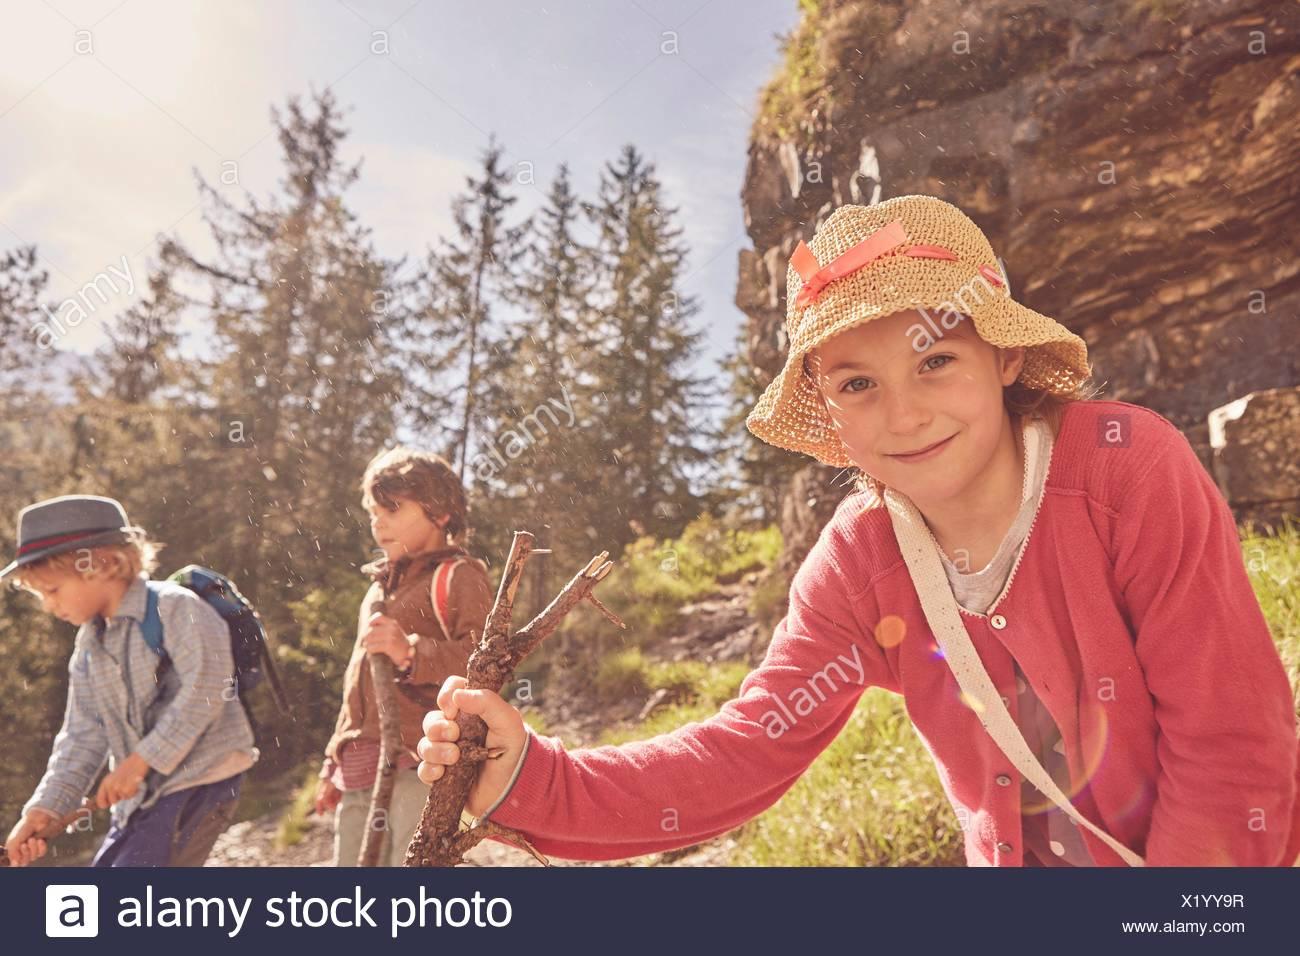 Tres niños explorando bosque Imagen De Stock